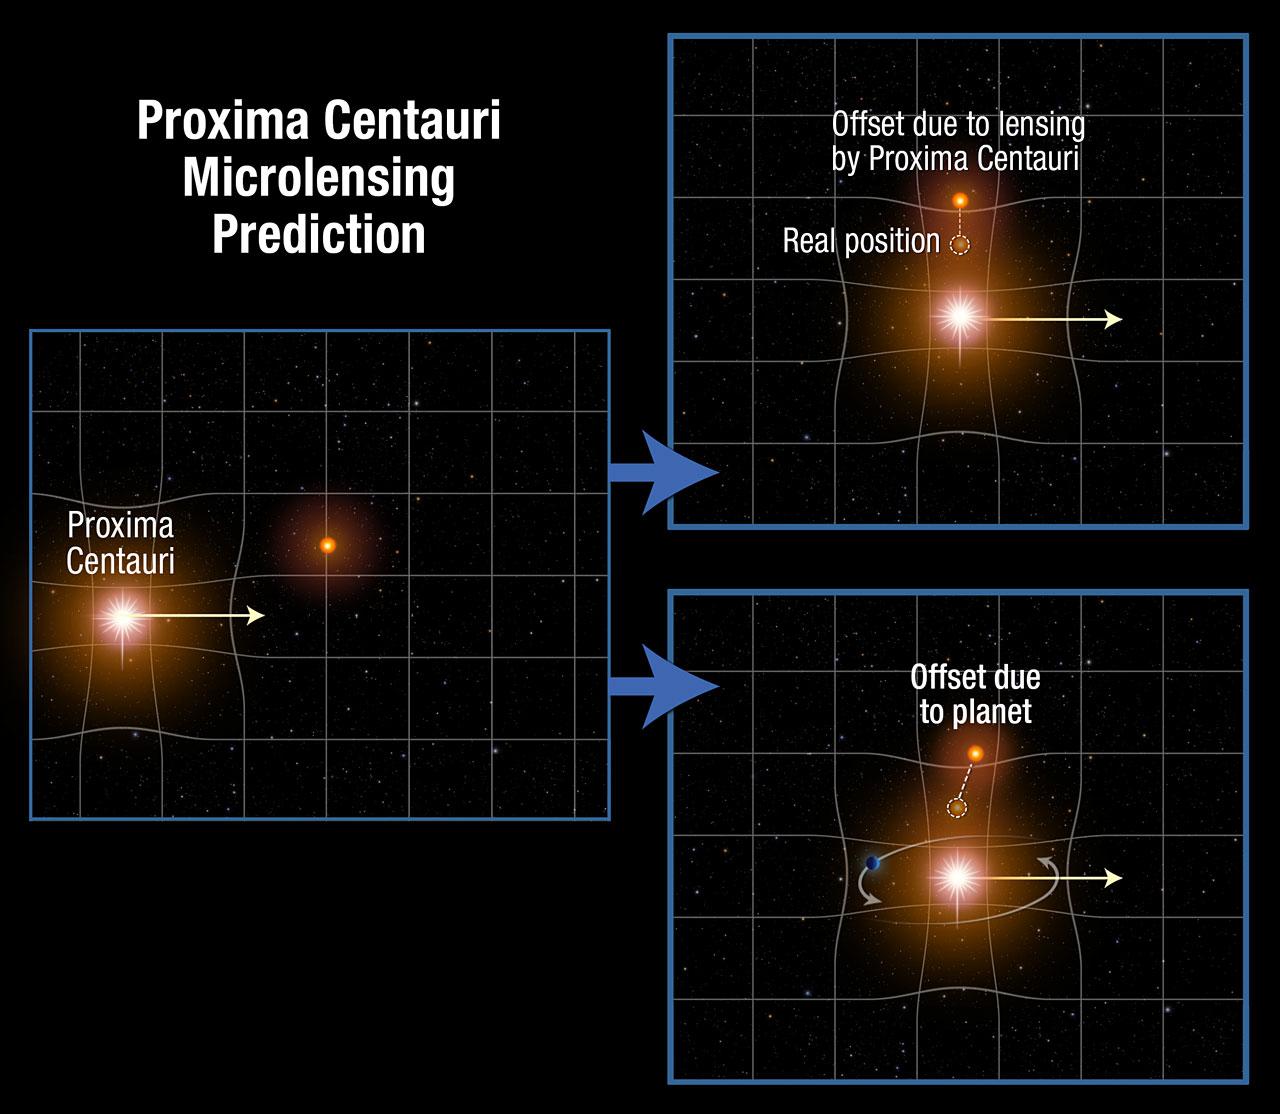 Proxima Centauri Microlensing Prediction Esa Hubble